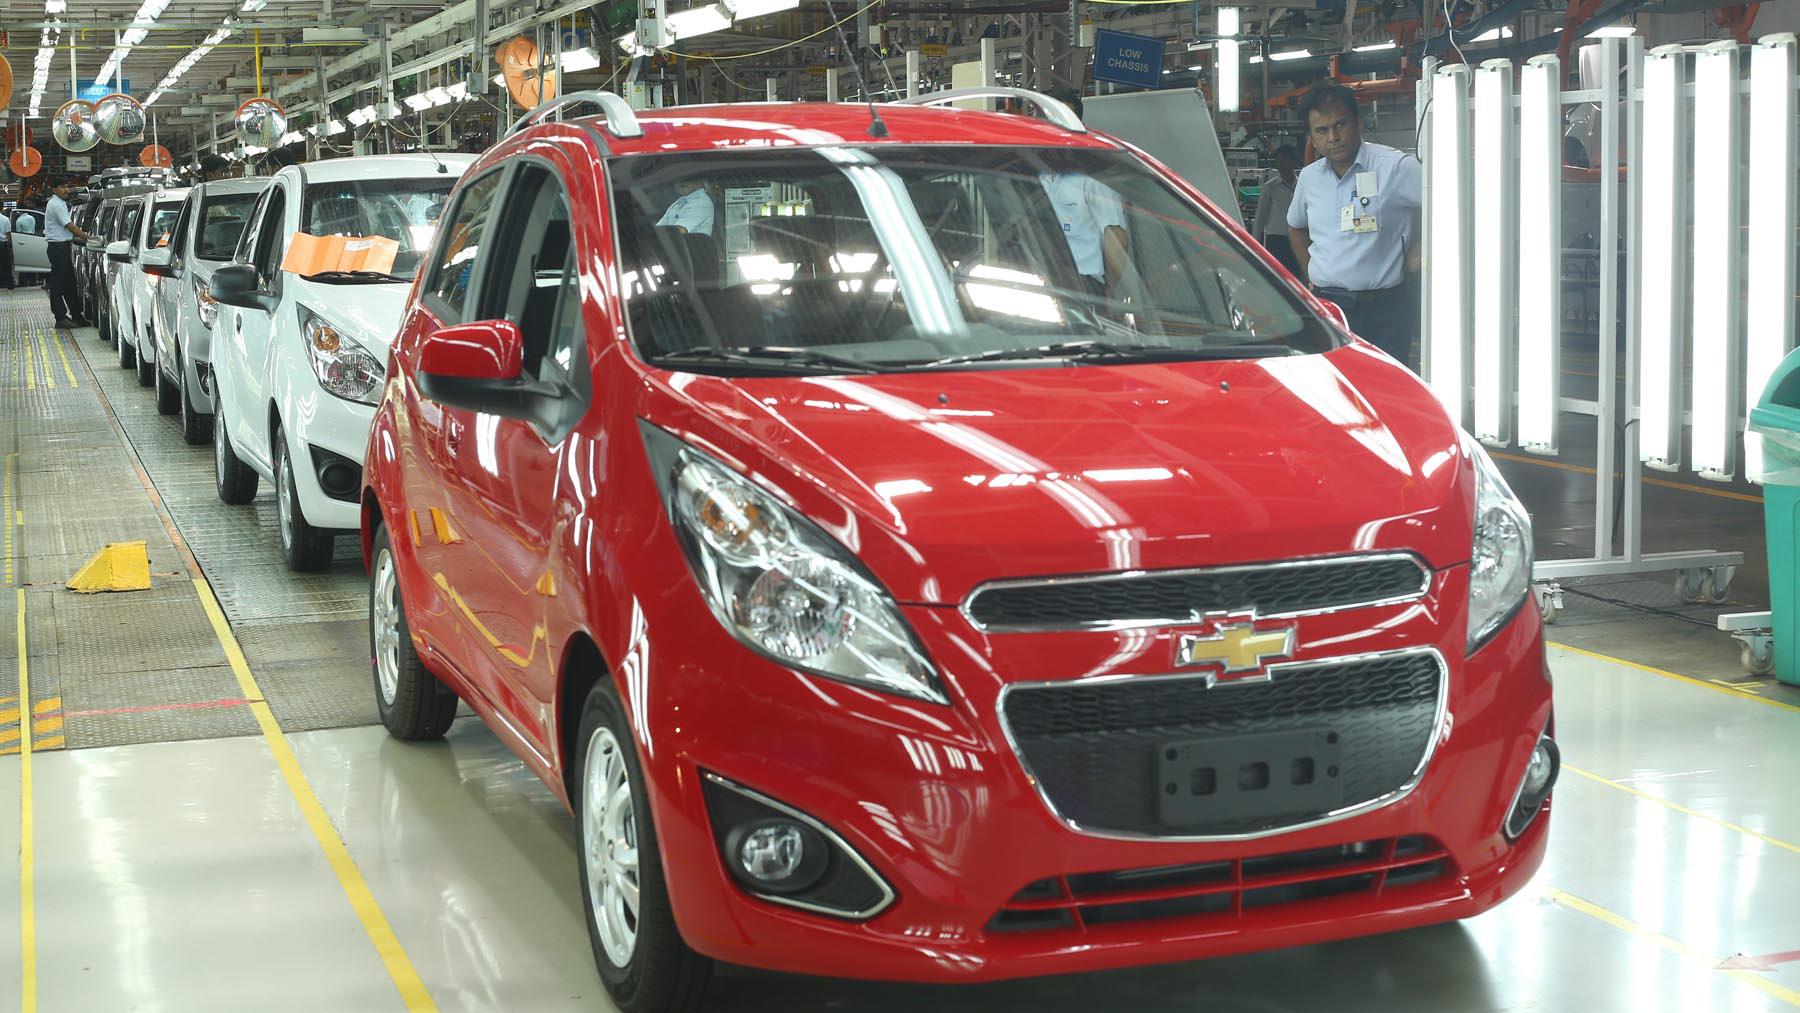 """Vì sao xe ô tô Ấn Độ có giá """"siêu rẻ""""?  - Ảnh 1."""